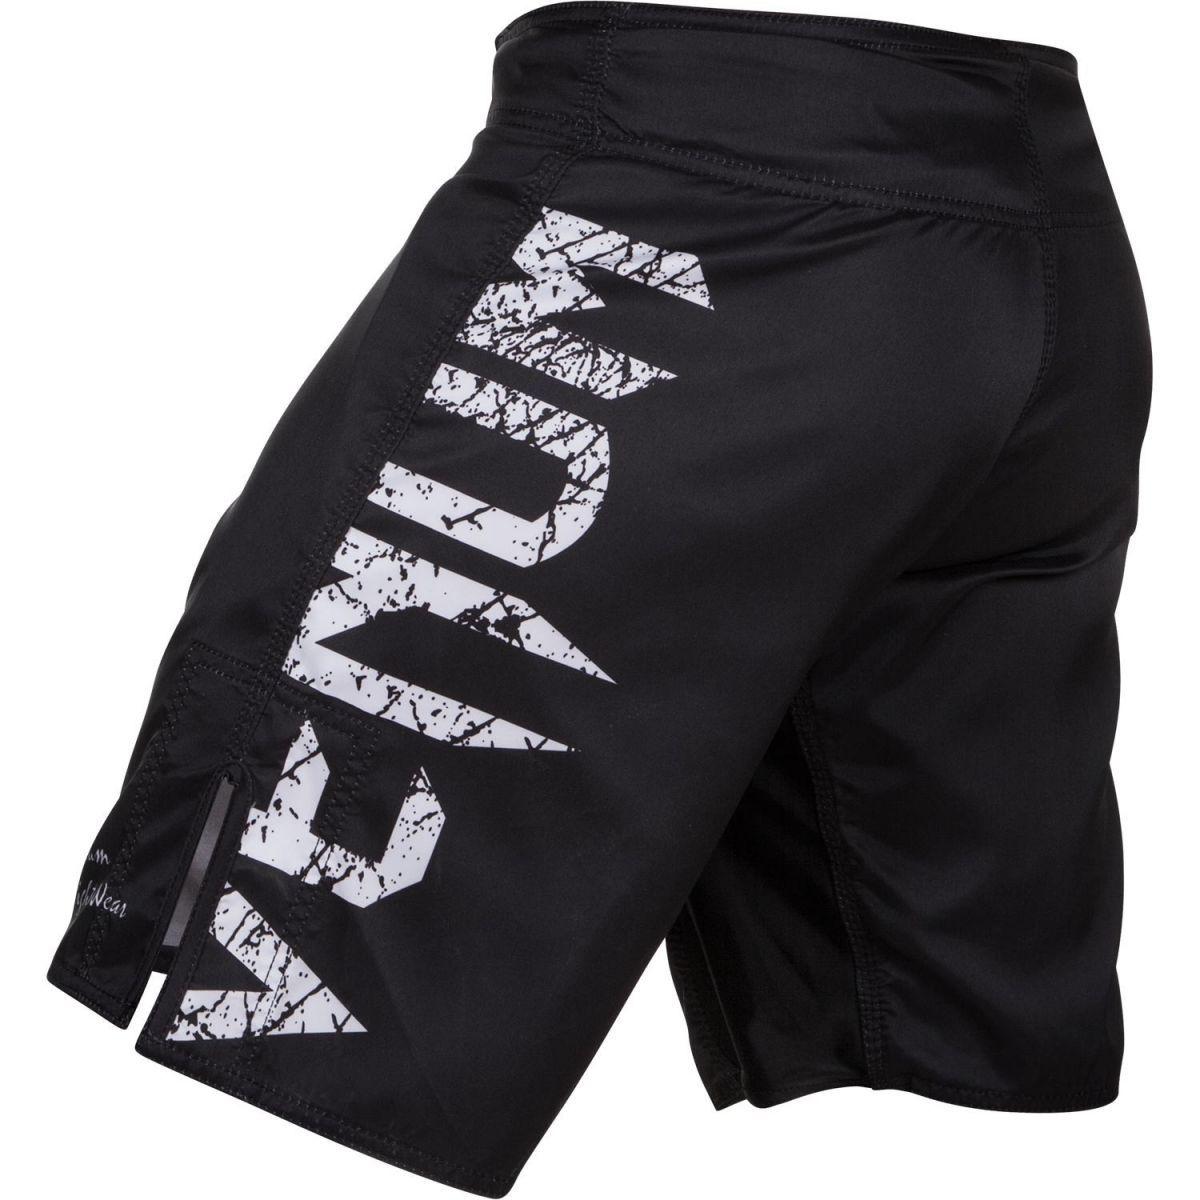 Bermuda MMA Neo Camo Giant - Preto/Branco - Venum -  - Loja do Competidor